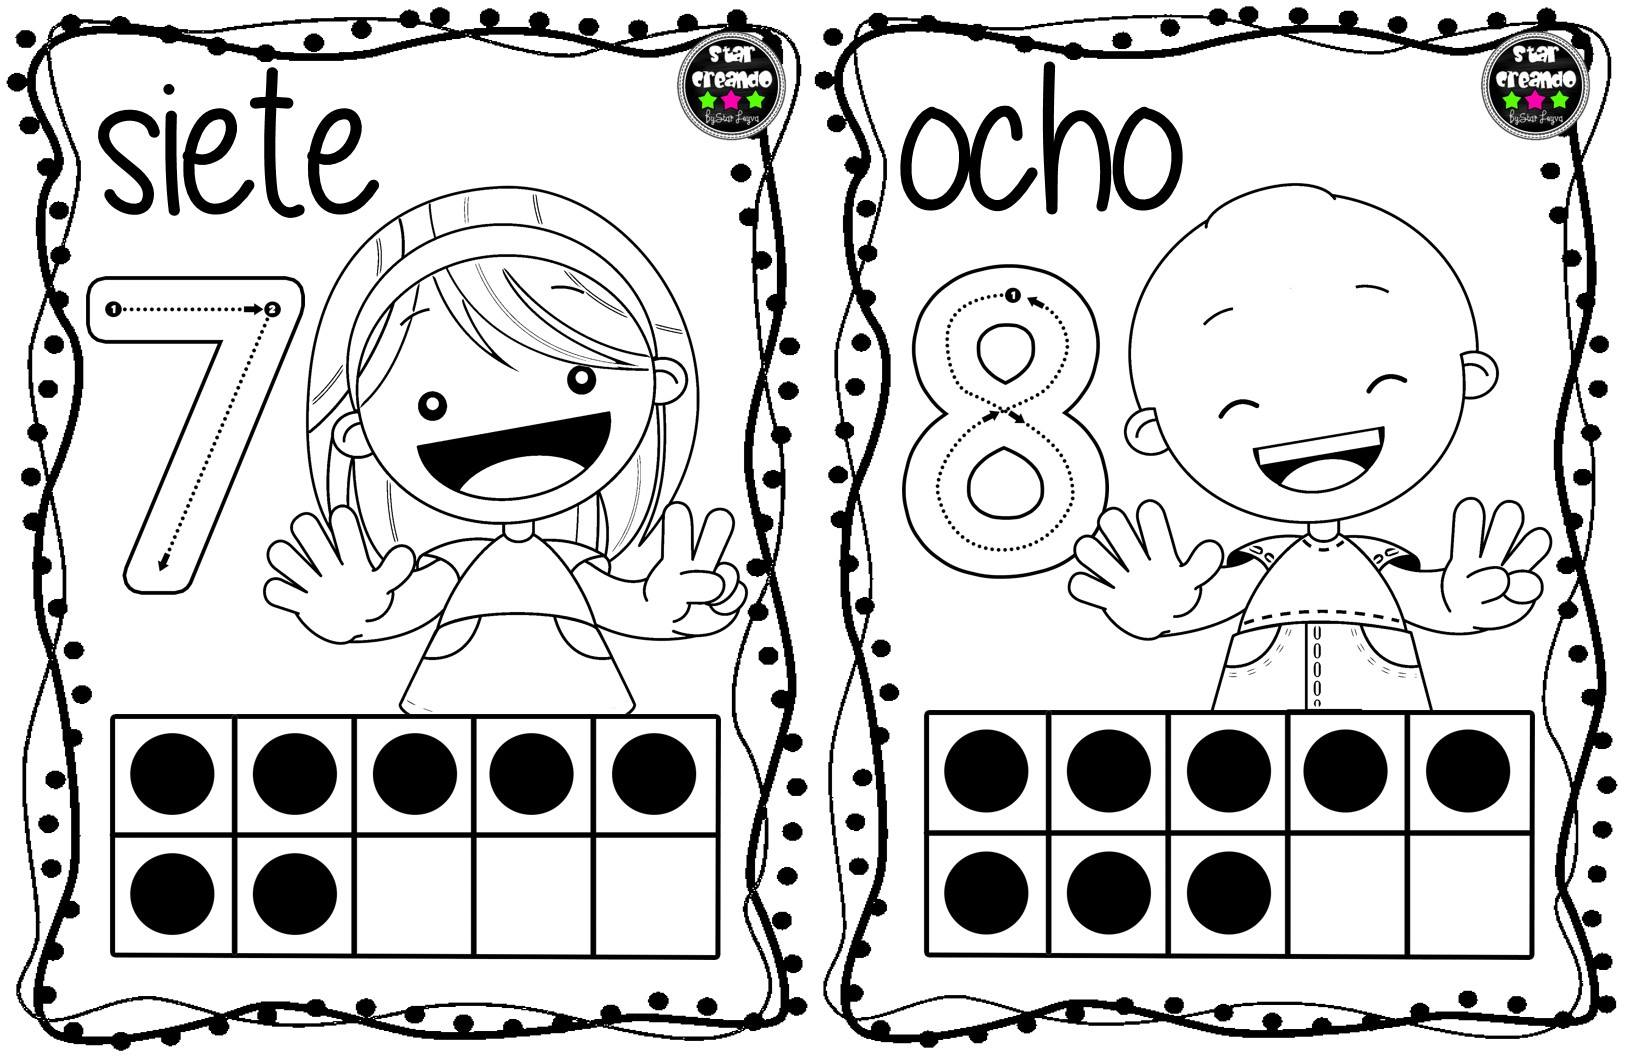 Dibujos Del Numero 7 Para Colorear: Tarjetas Números Para Colorear (5)